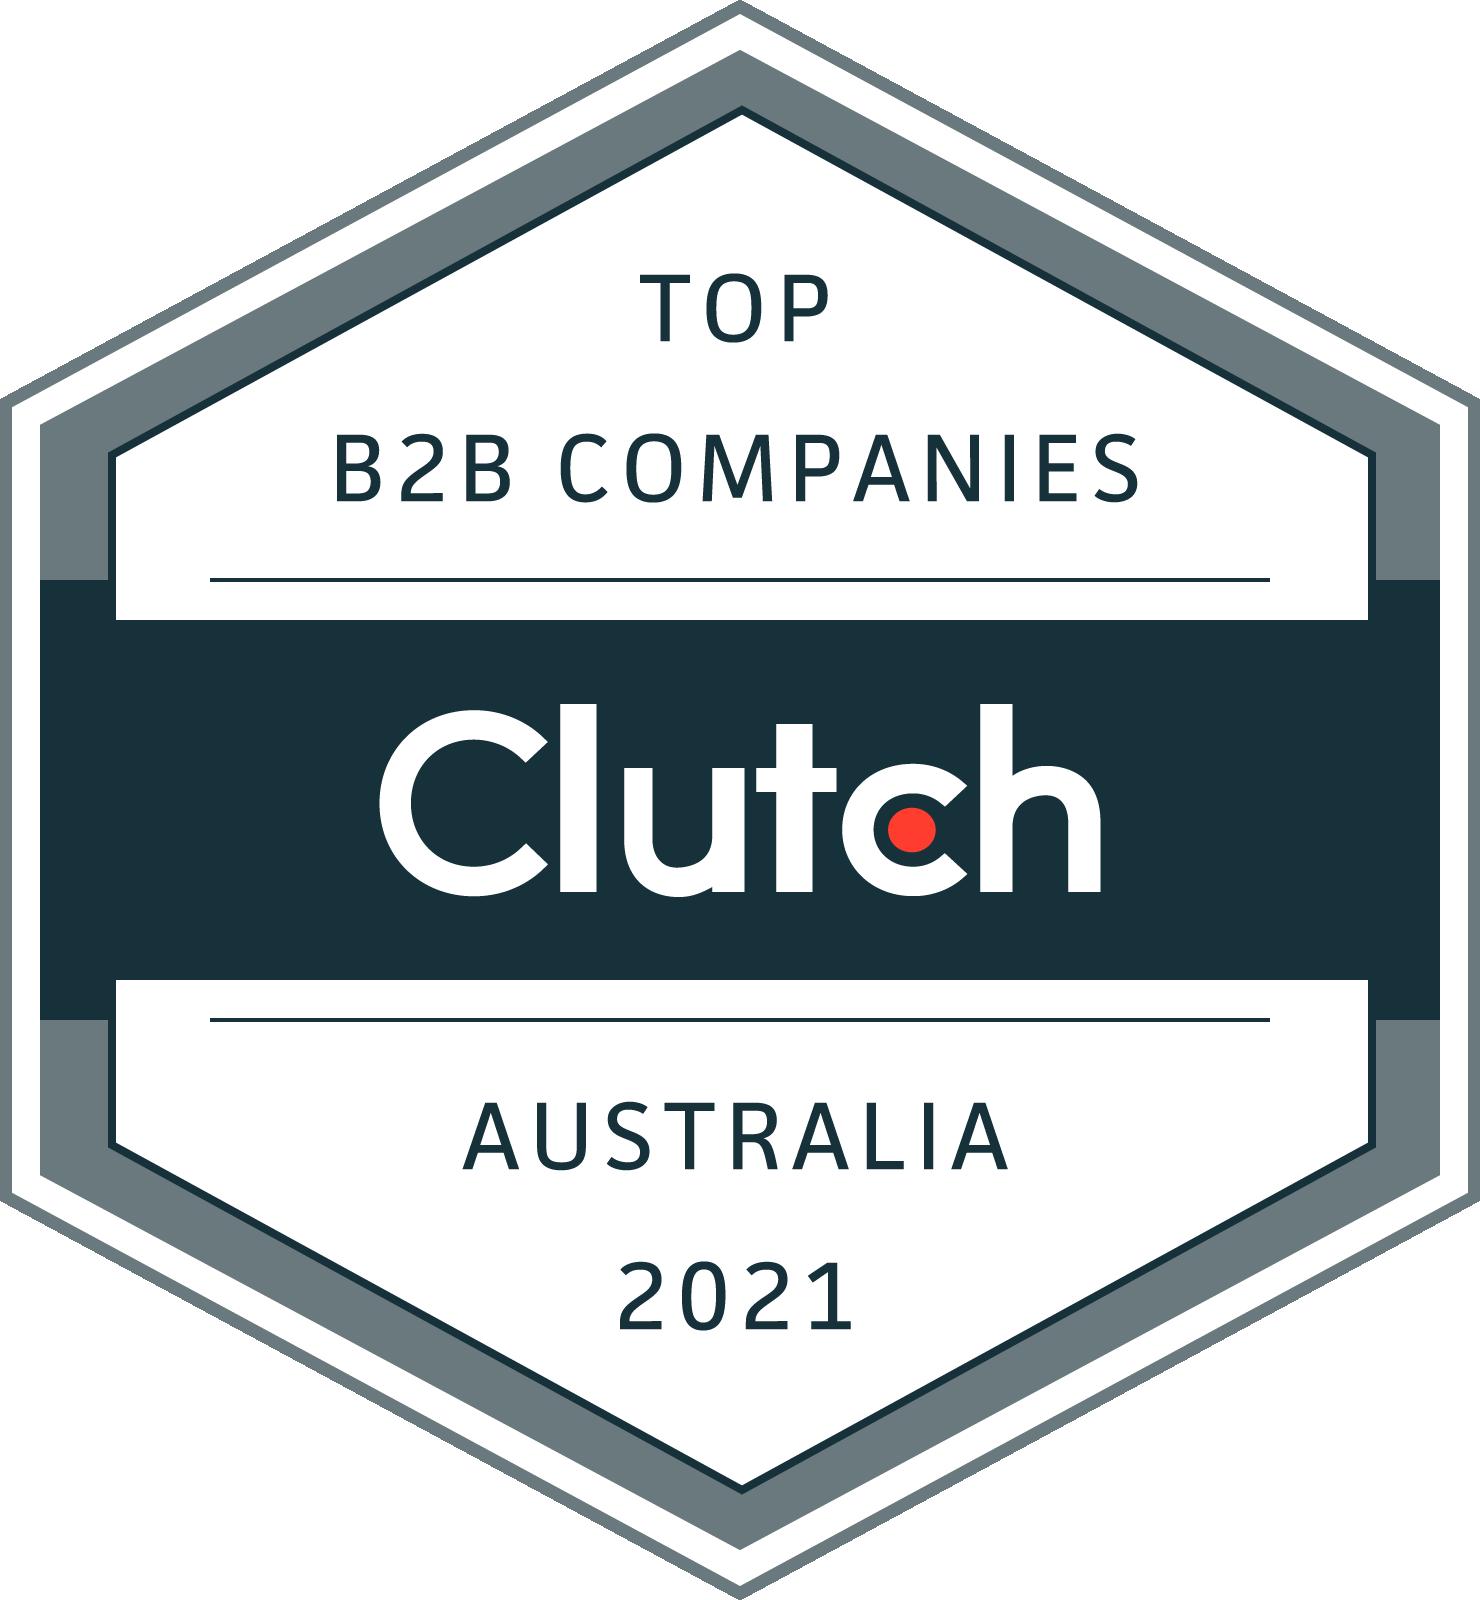 Top B2B Companies 2021